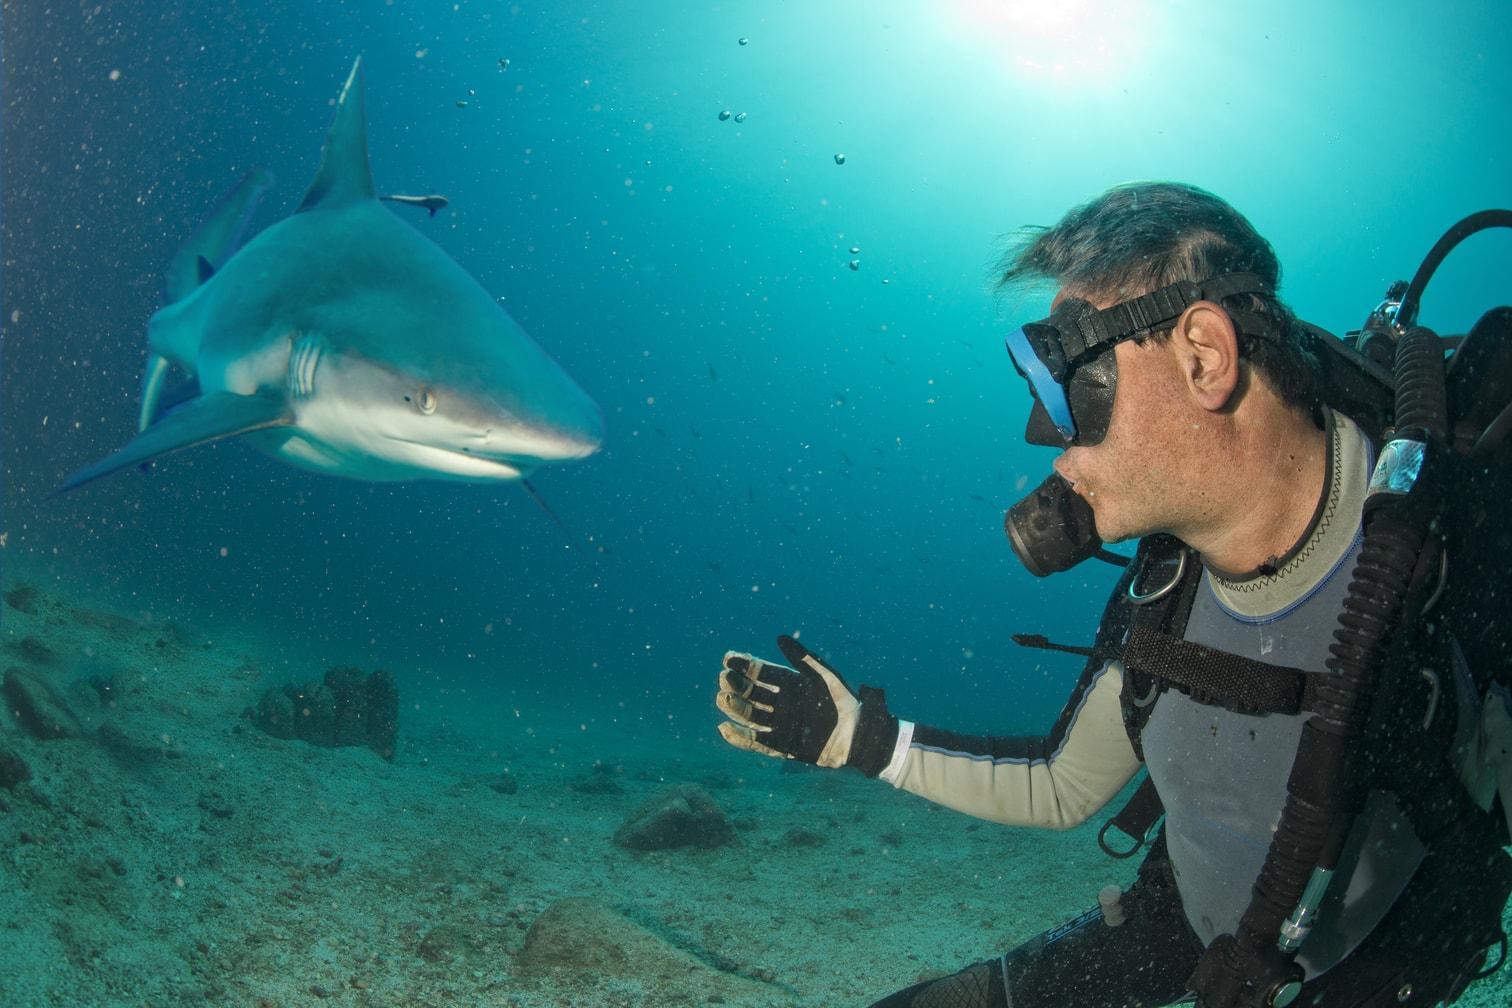 Foto: Shutterstock/Andrea Izzotti